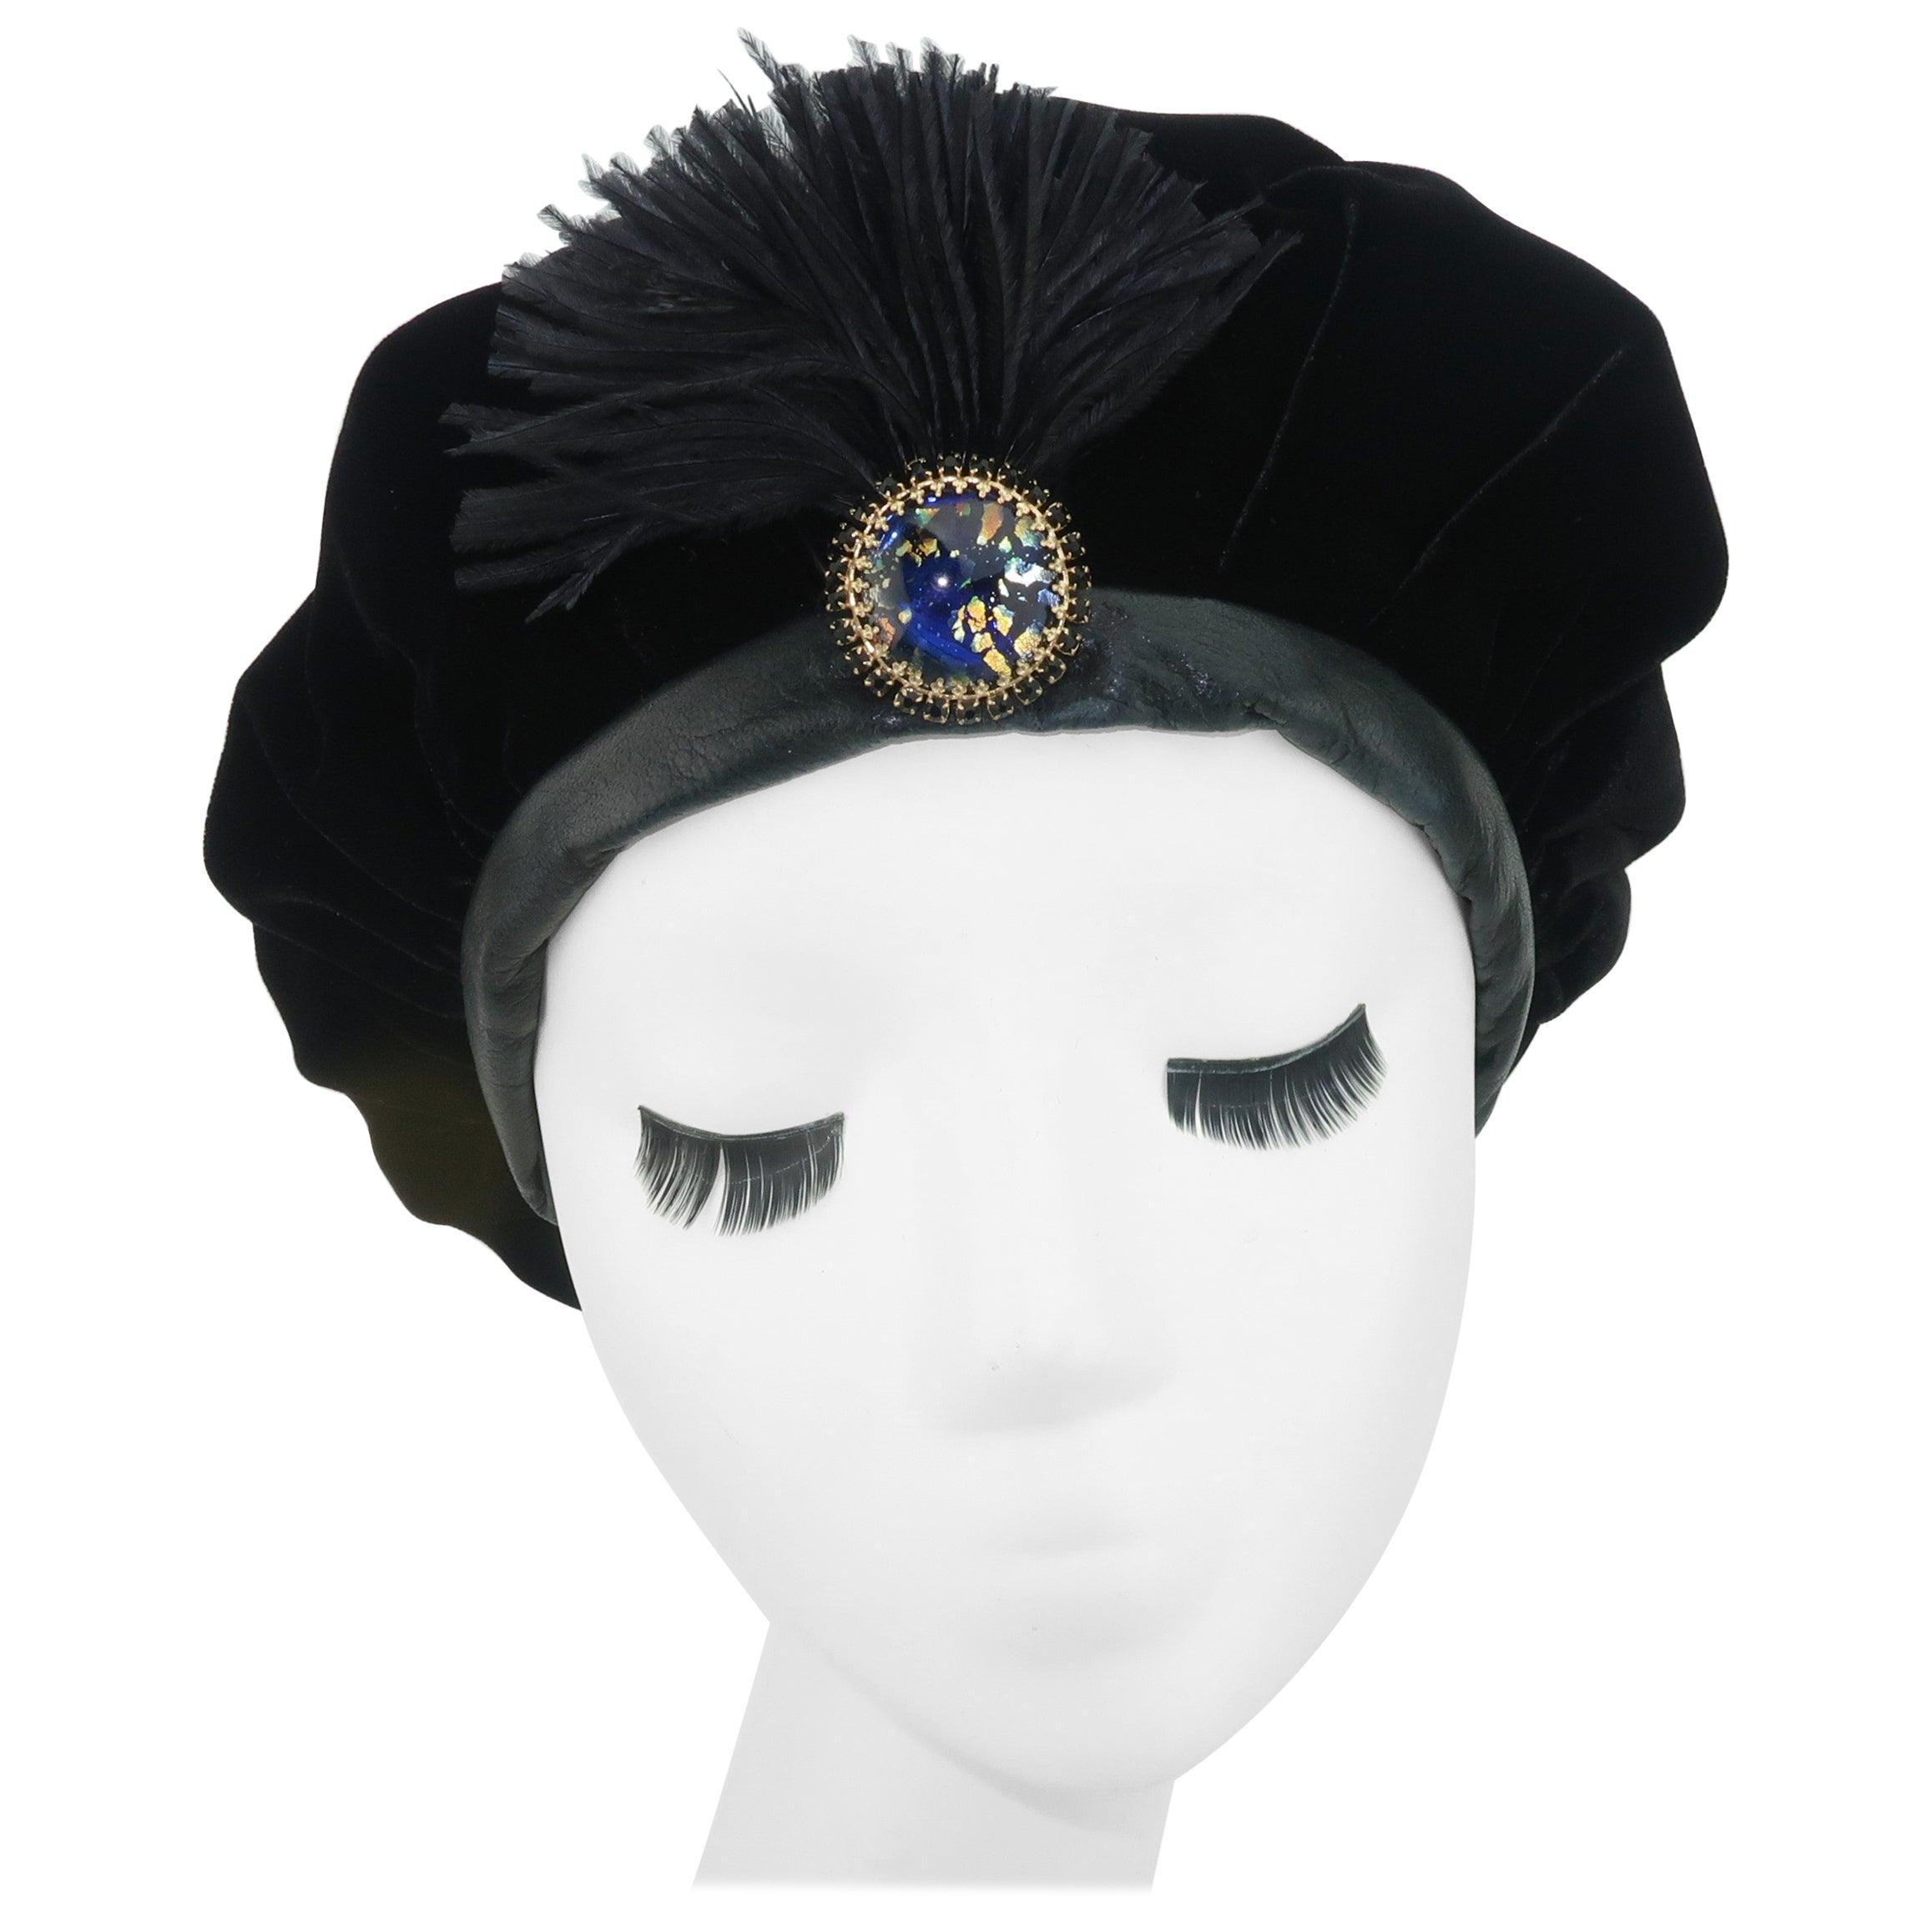 Black Velvet & Leather Beret Style Hat